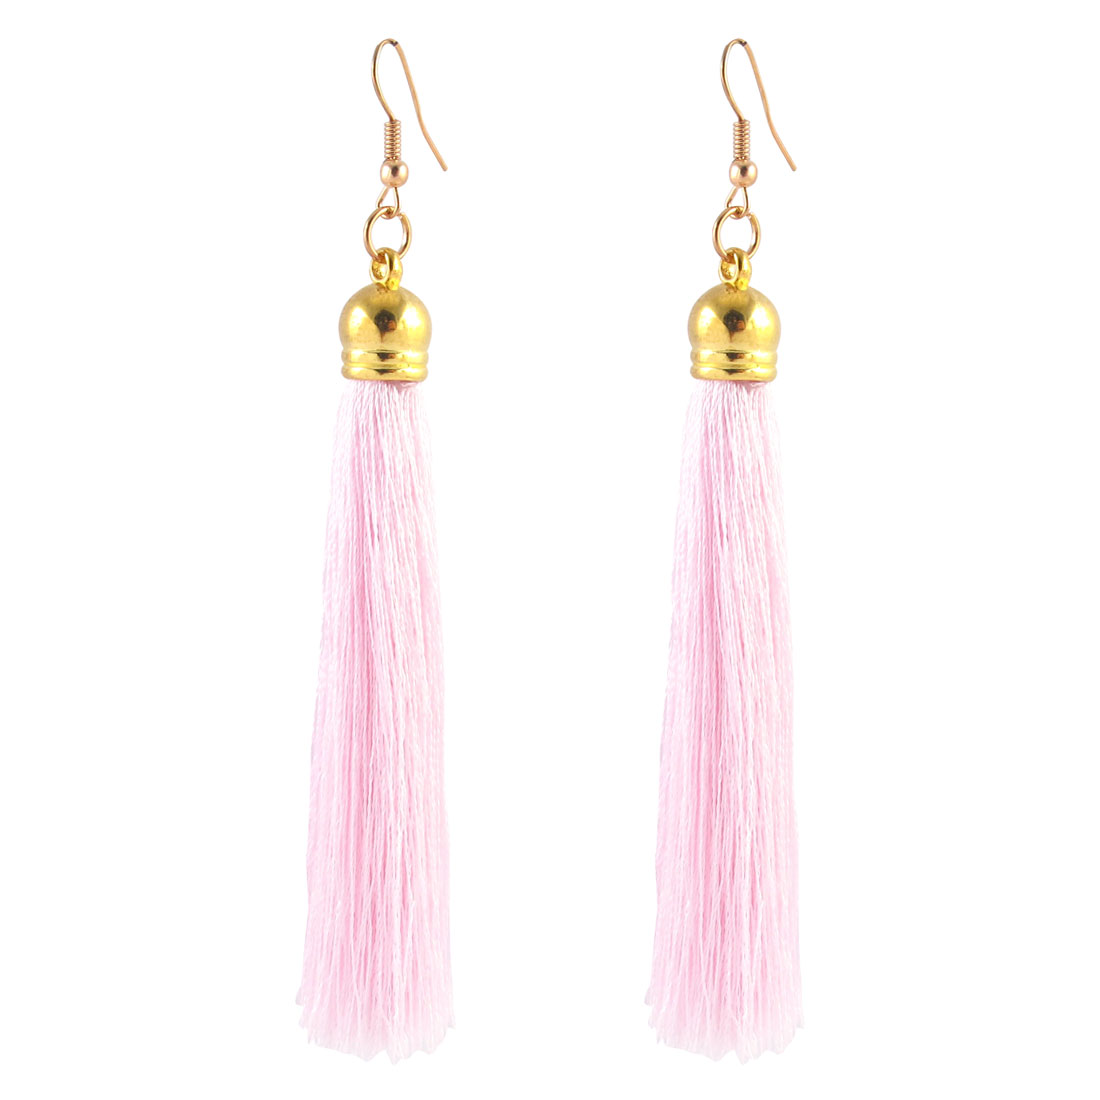 Lady Boho Style Tassel Charm Bead Detail Fish Hook Earrings Eardrop Pair Pink